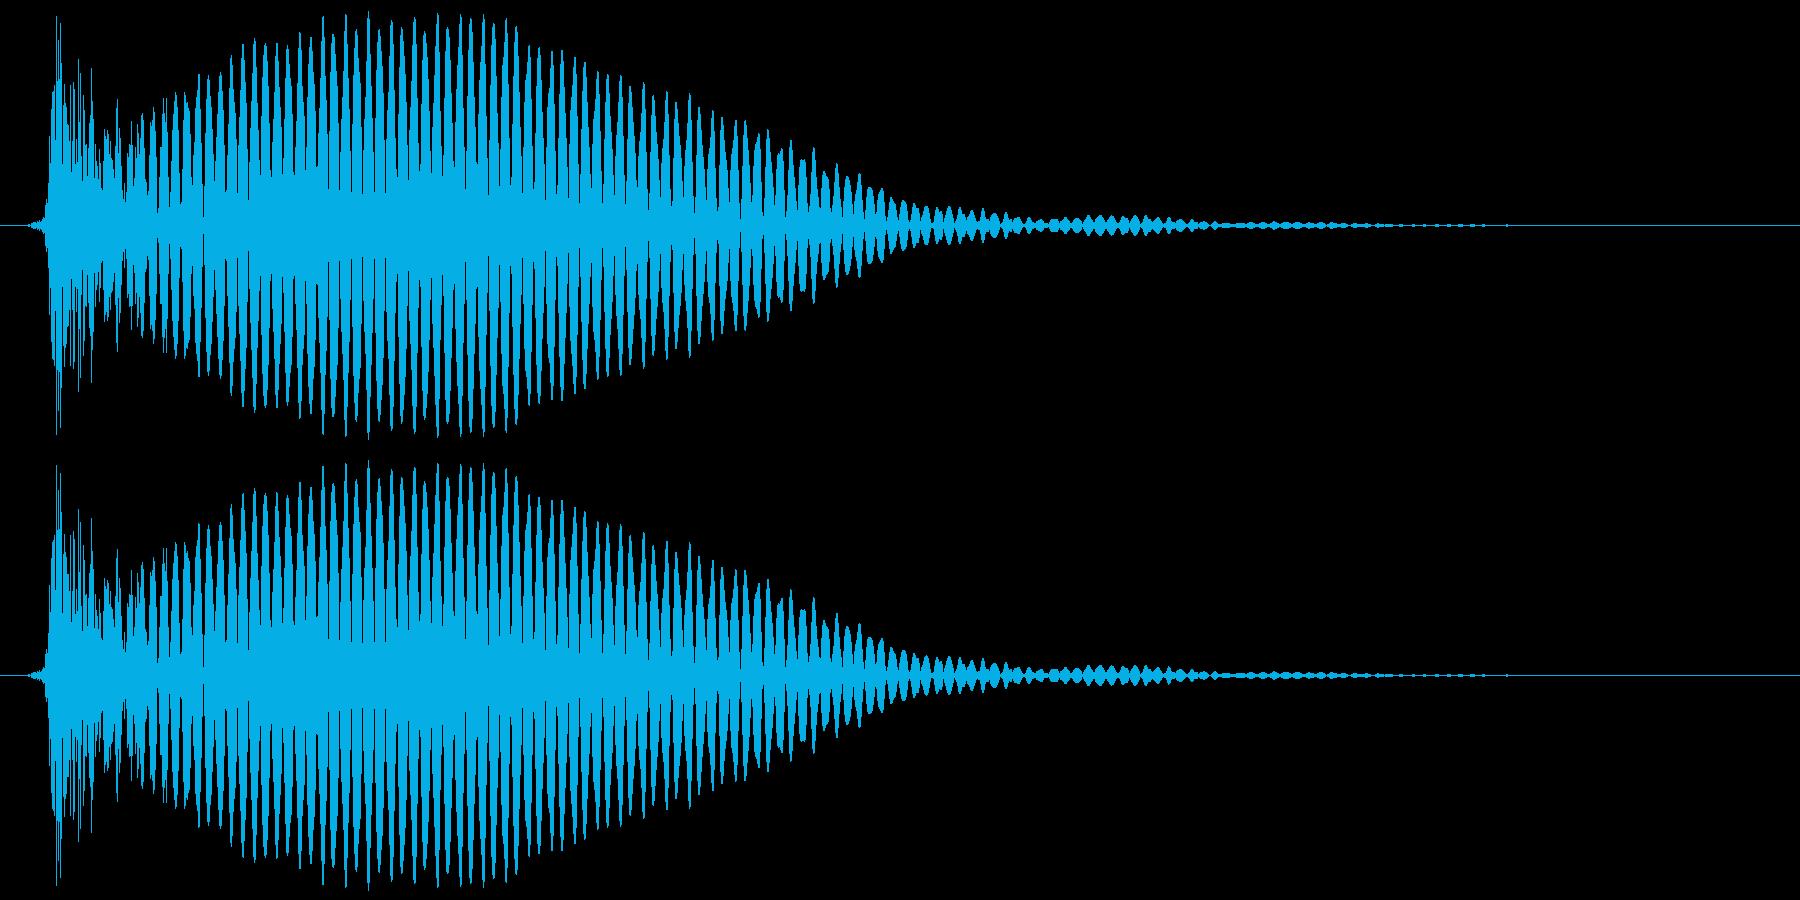 テレビ/ブラウン管 点灯カッ、ブオオンの再生済みの波形